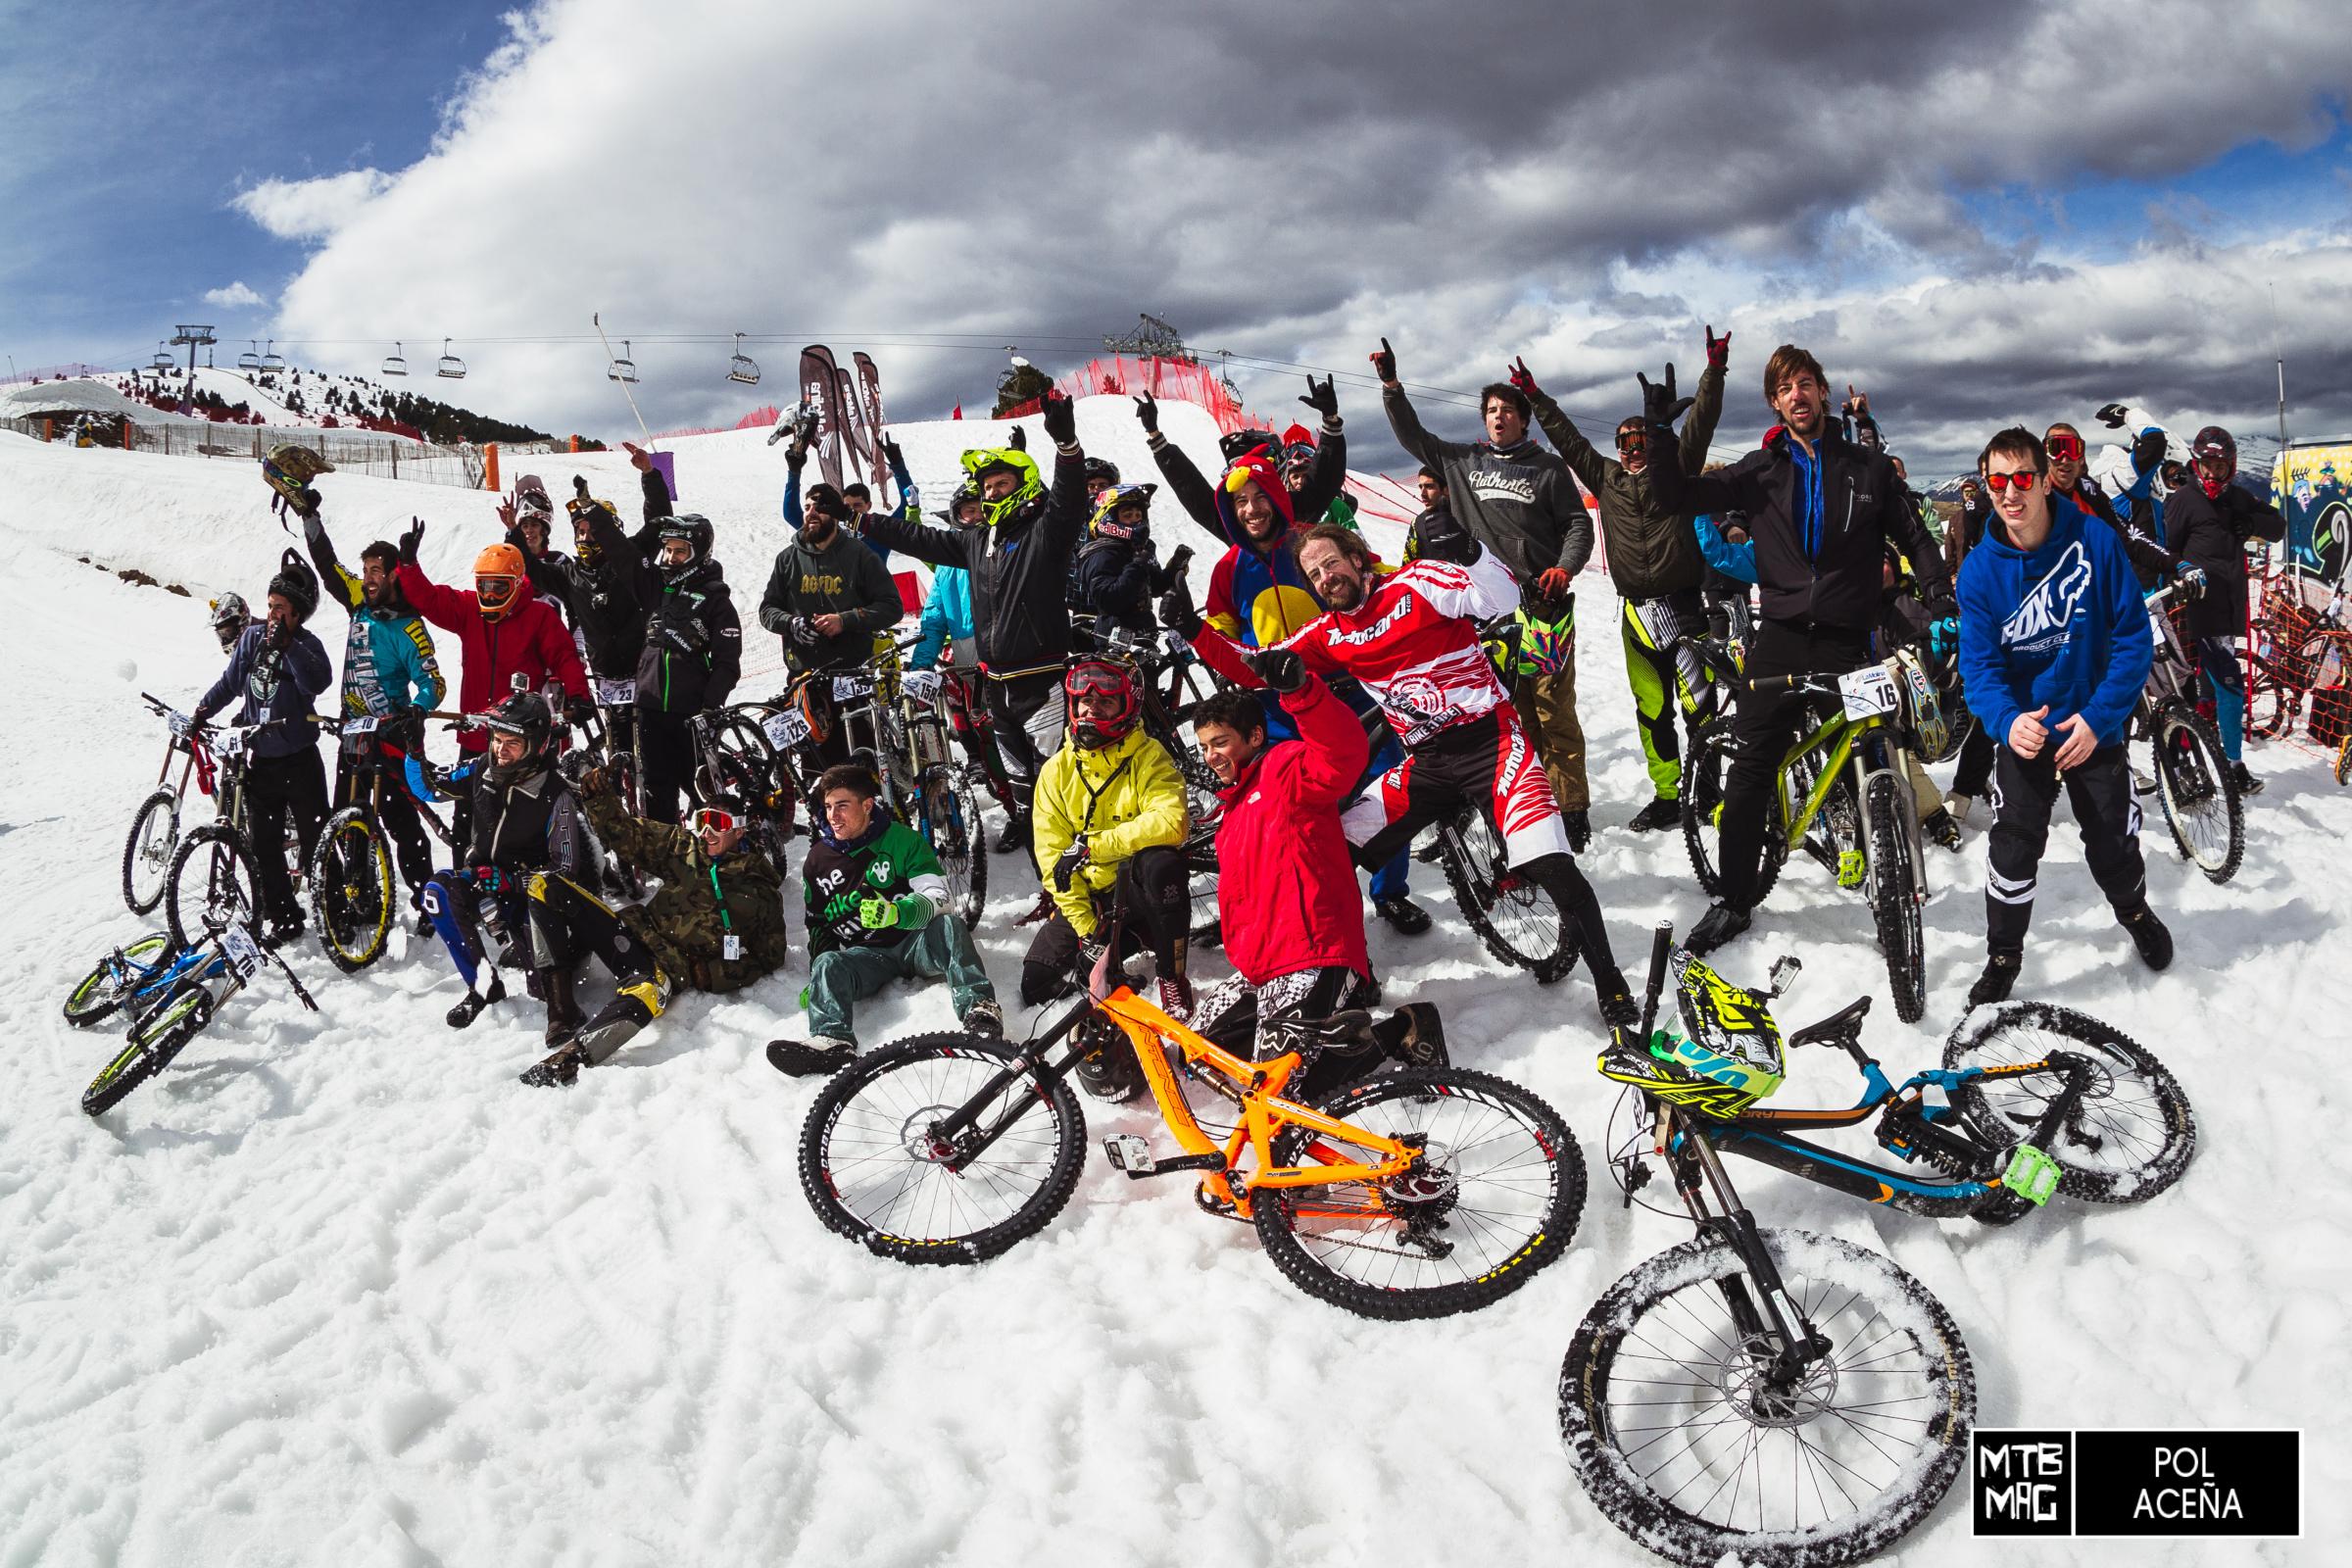 La primera edición de la Chicken Run en La Molina fue todo un éxito. Todos los riders se divirtieron y lo pasaron en grande.